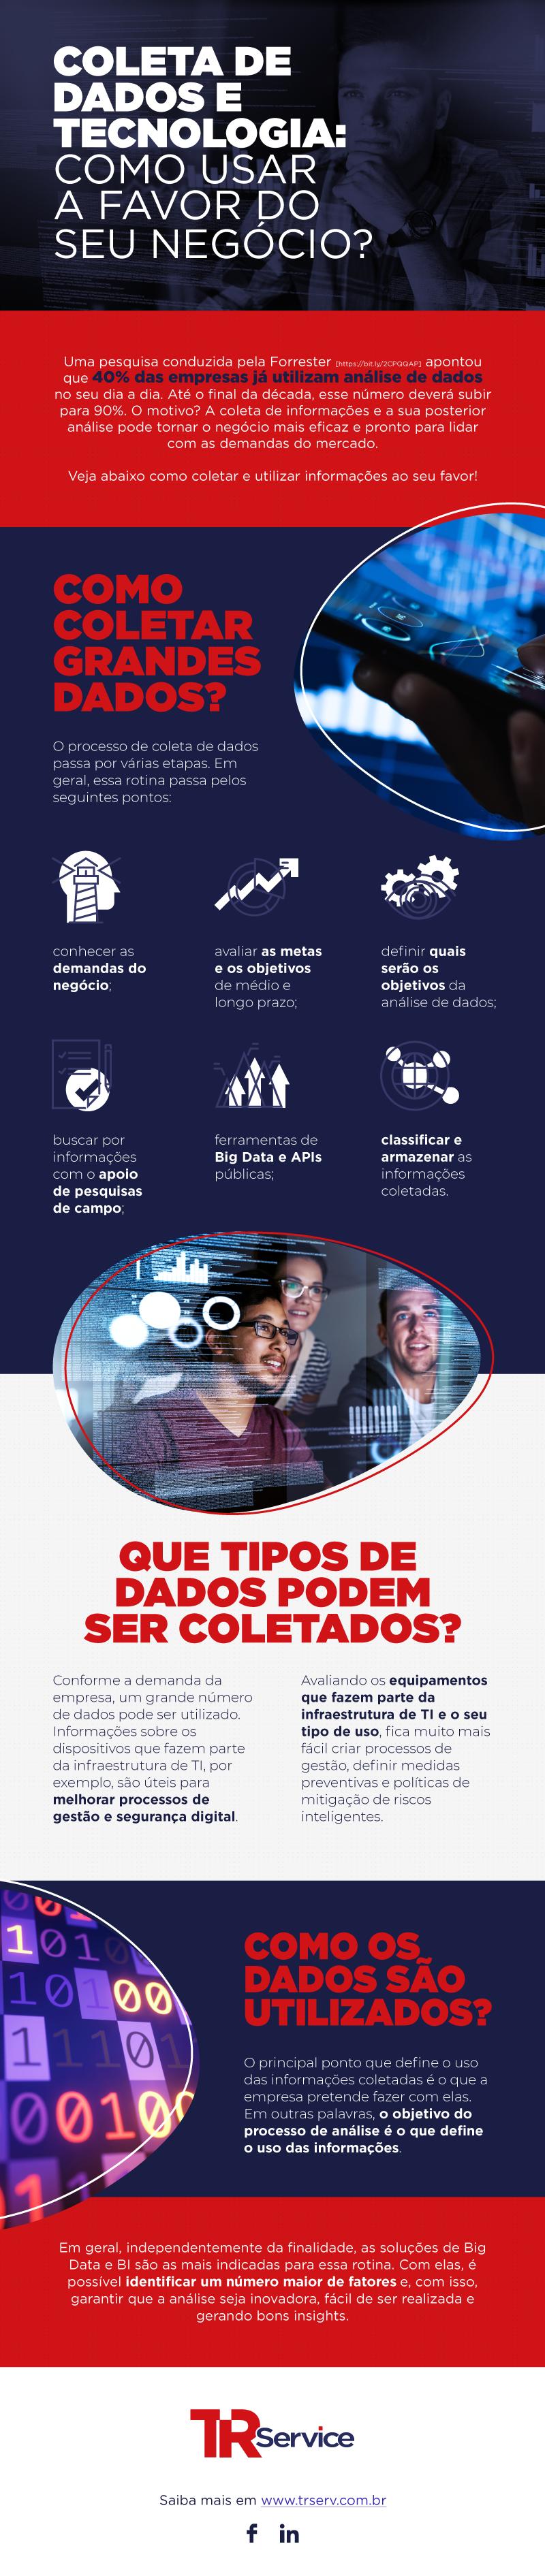 Infográfico: Coleta de dados e tecnologia: como usar a favor do seu negócio?